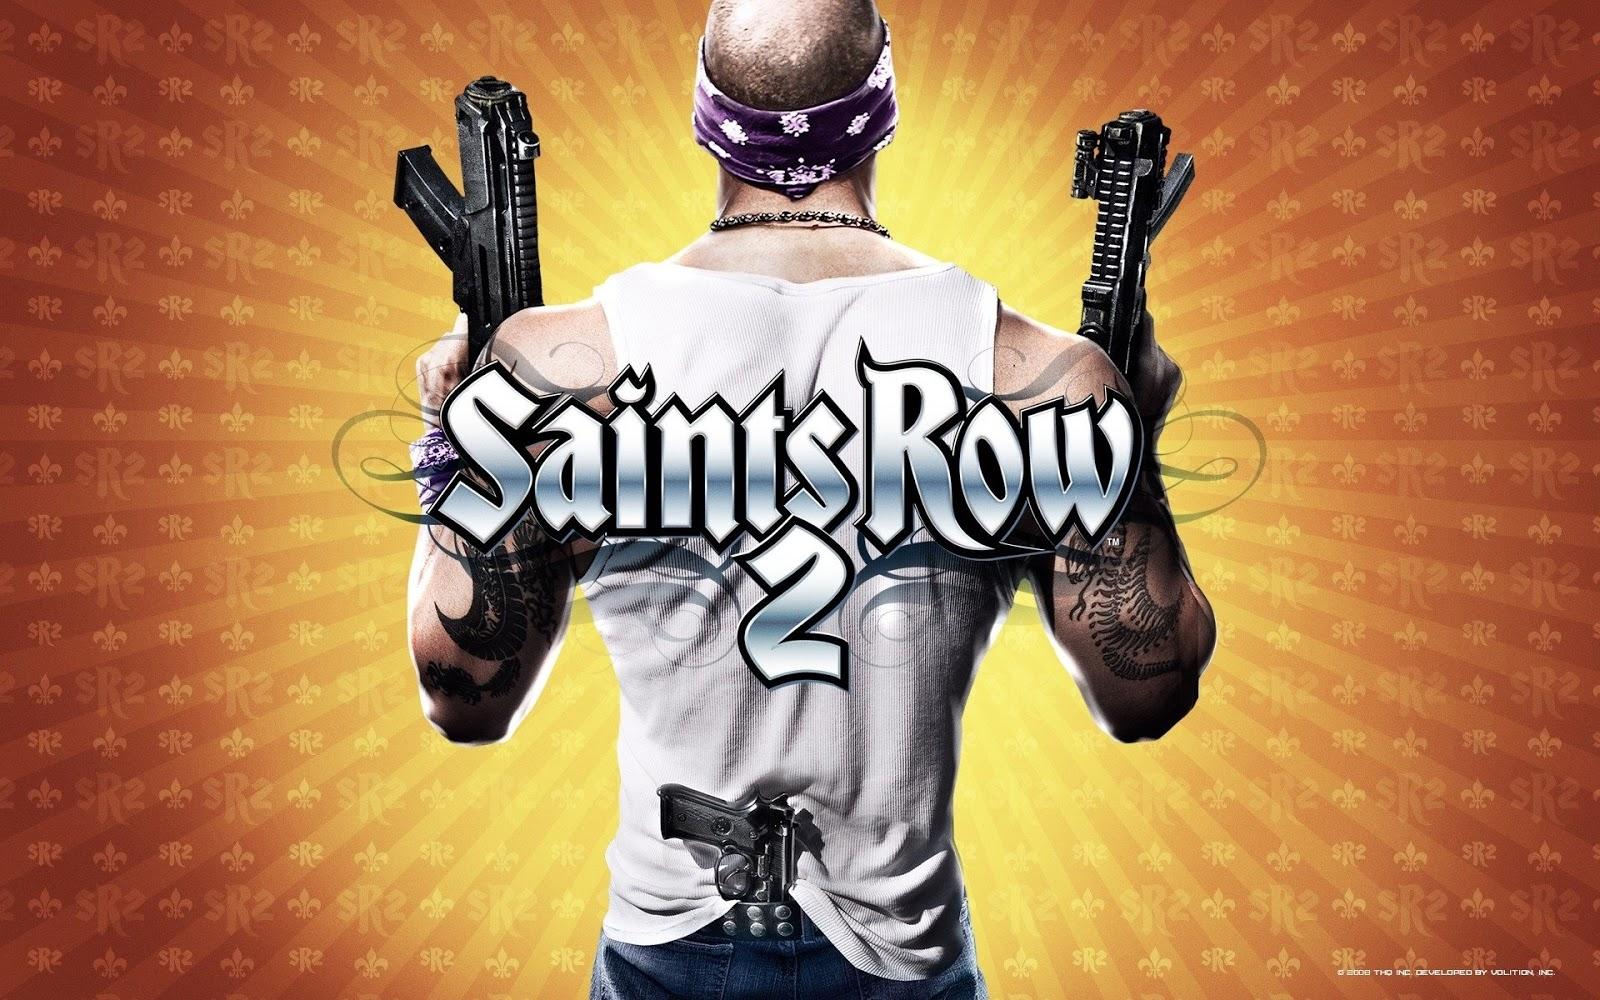 تحميل لعبة الأكشن والمغامرة ساينتس رو الجزء الثاني - Saints Row 2